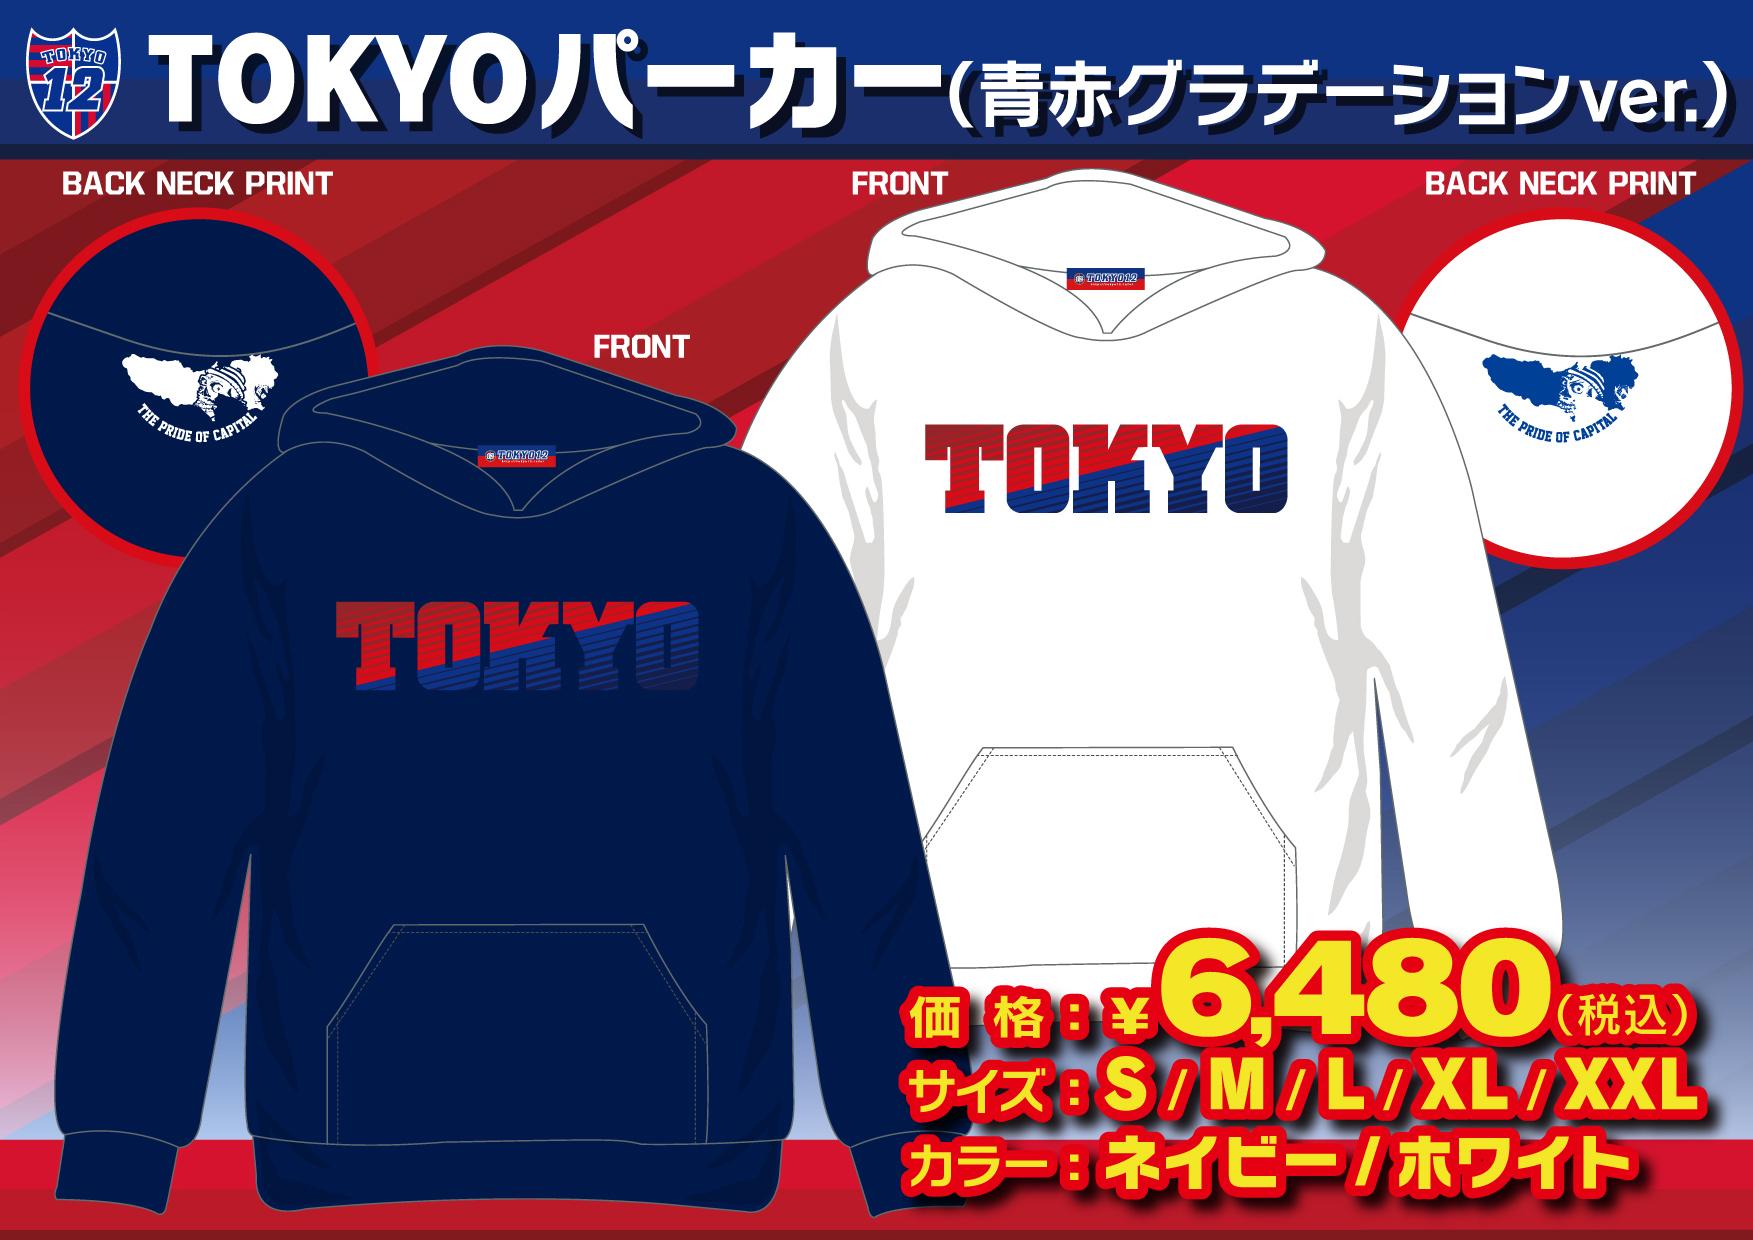 TOKYOパーカー(青赤グラデーションver.)